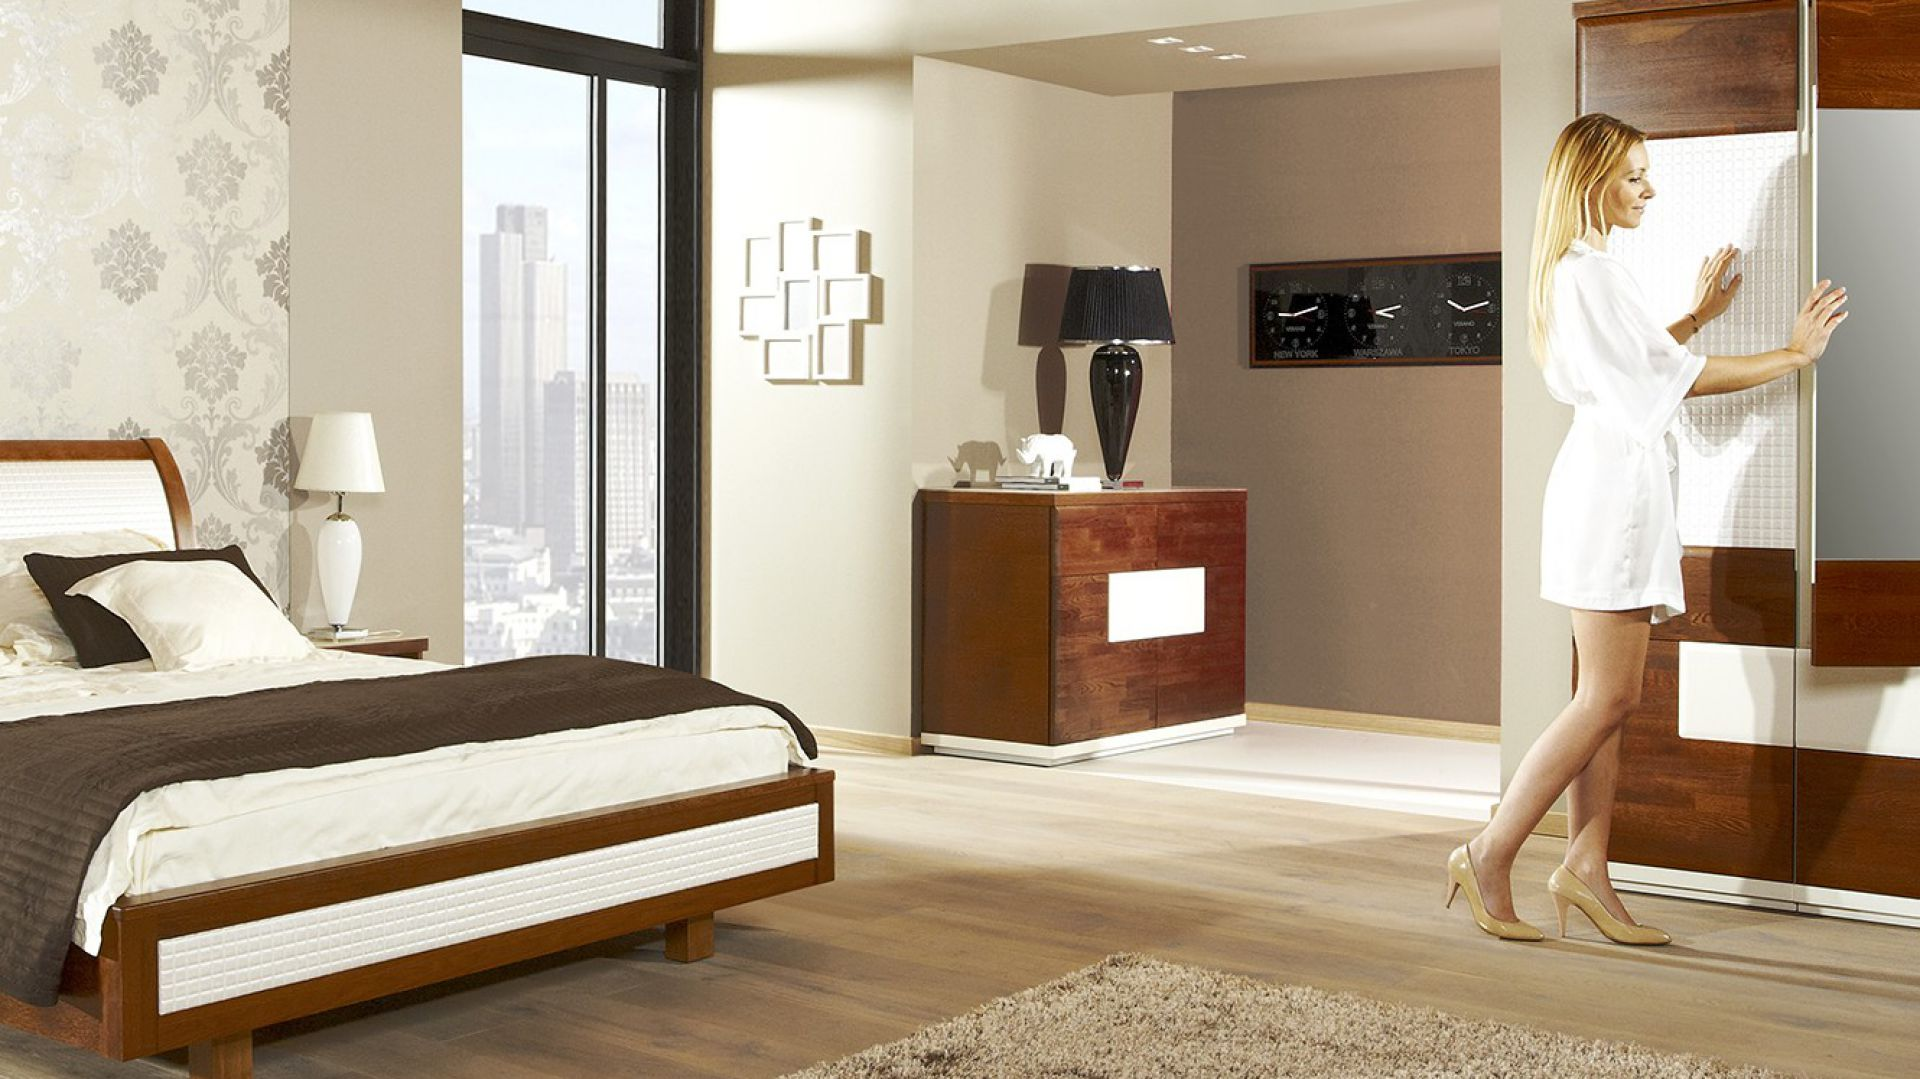 Sypialnia Verano. Fot. Mebin